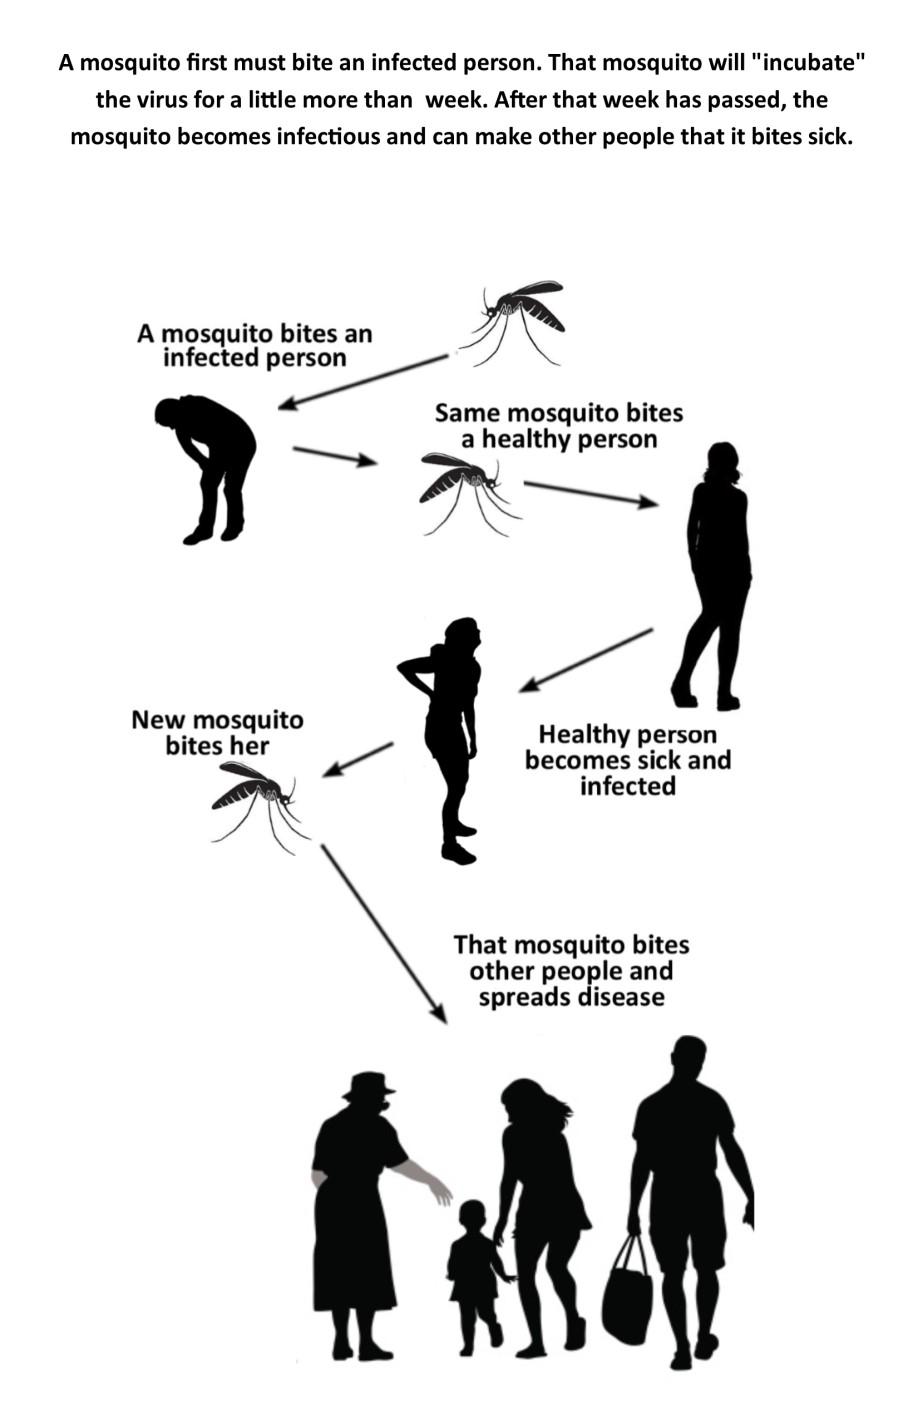 Zika transmisson